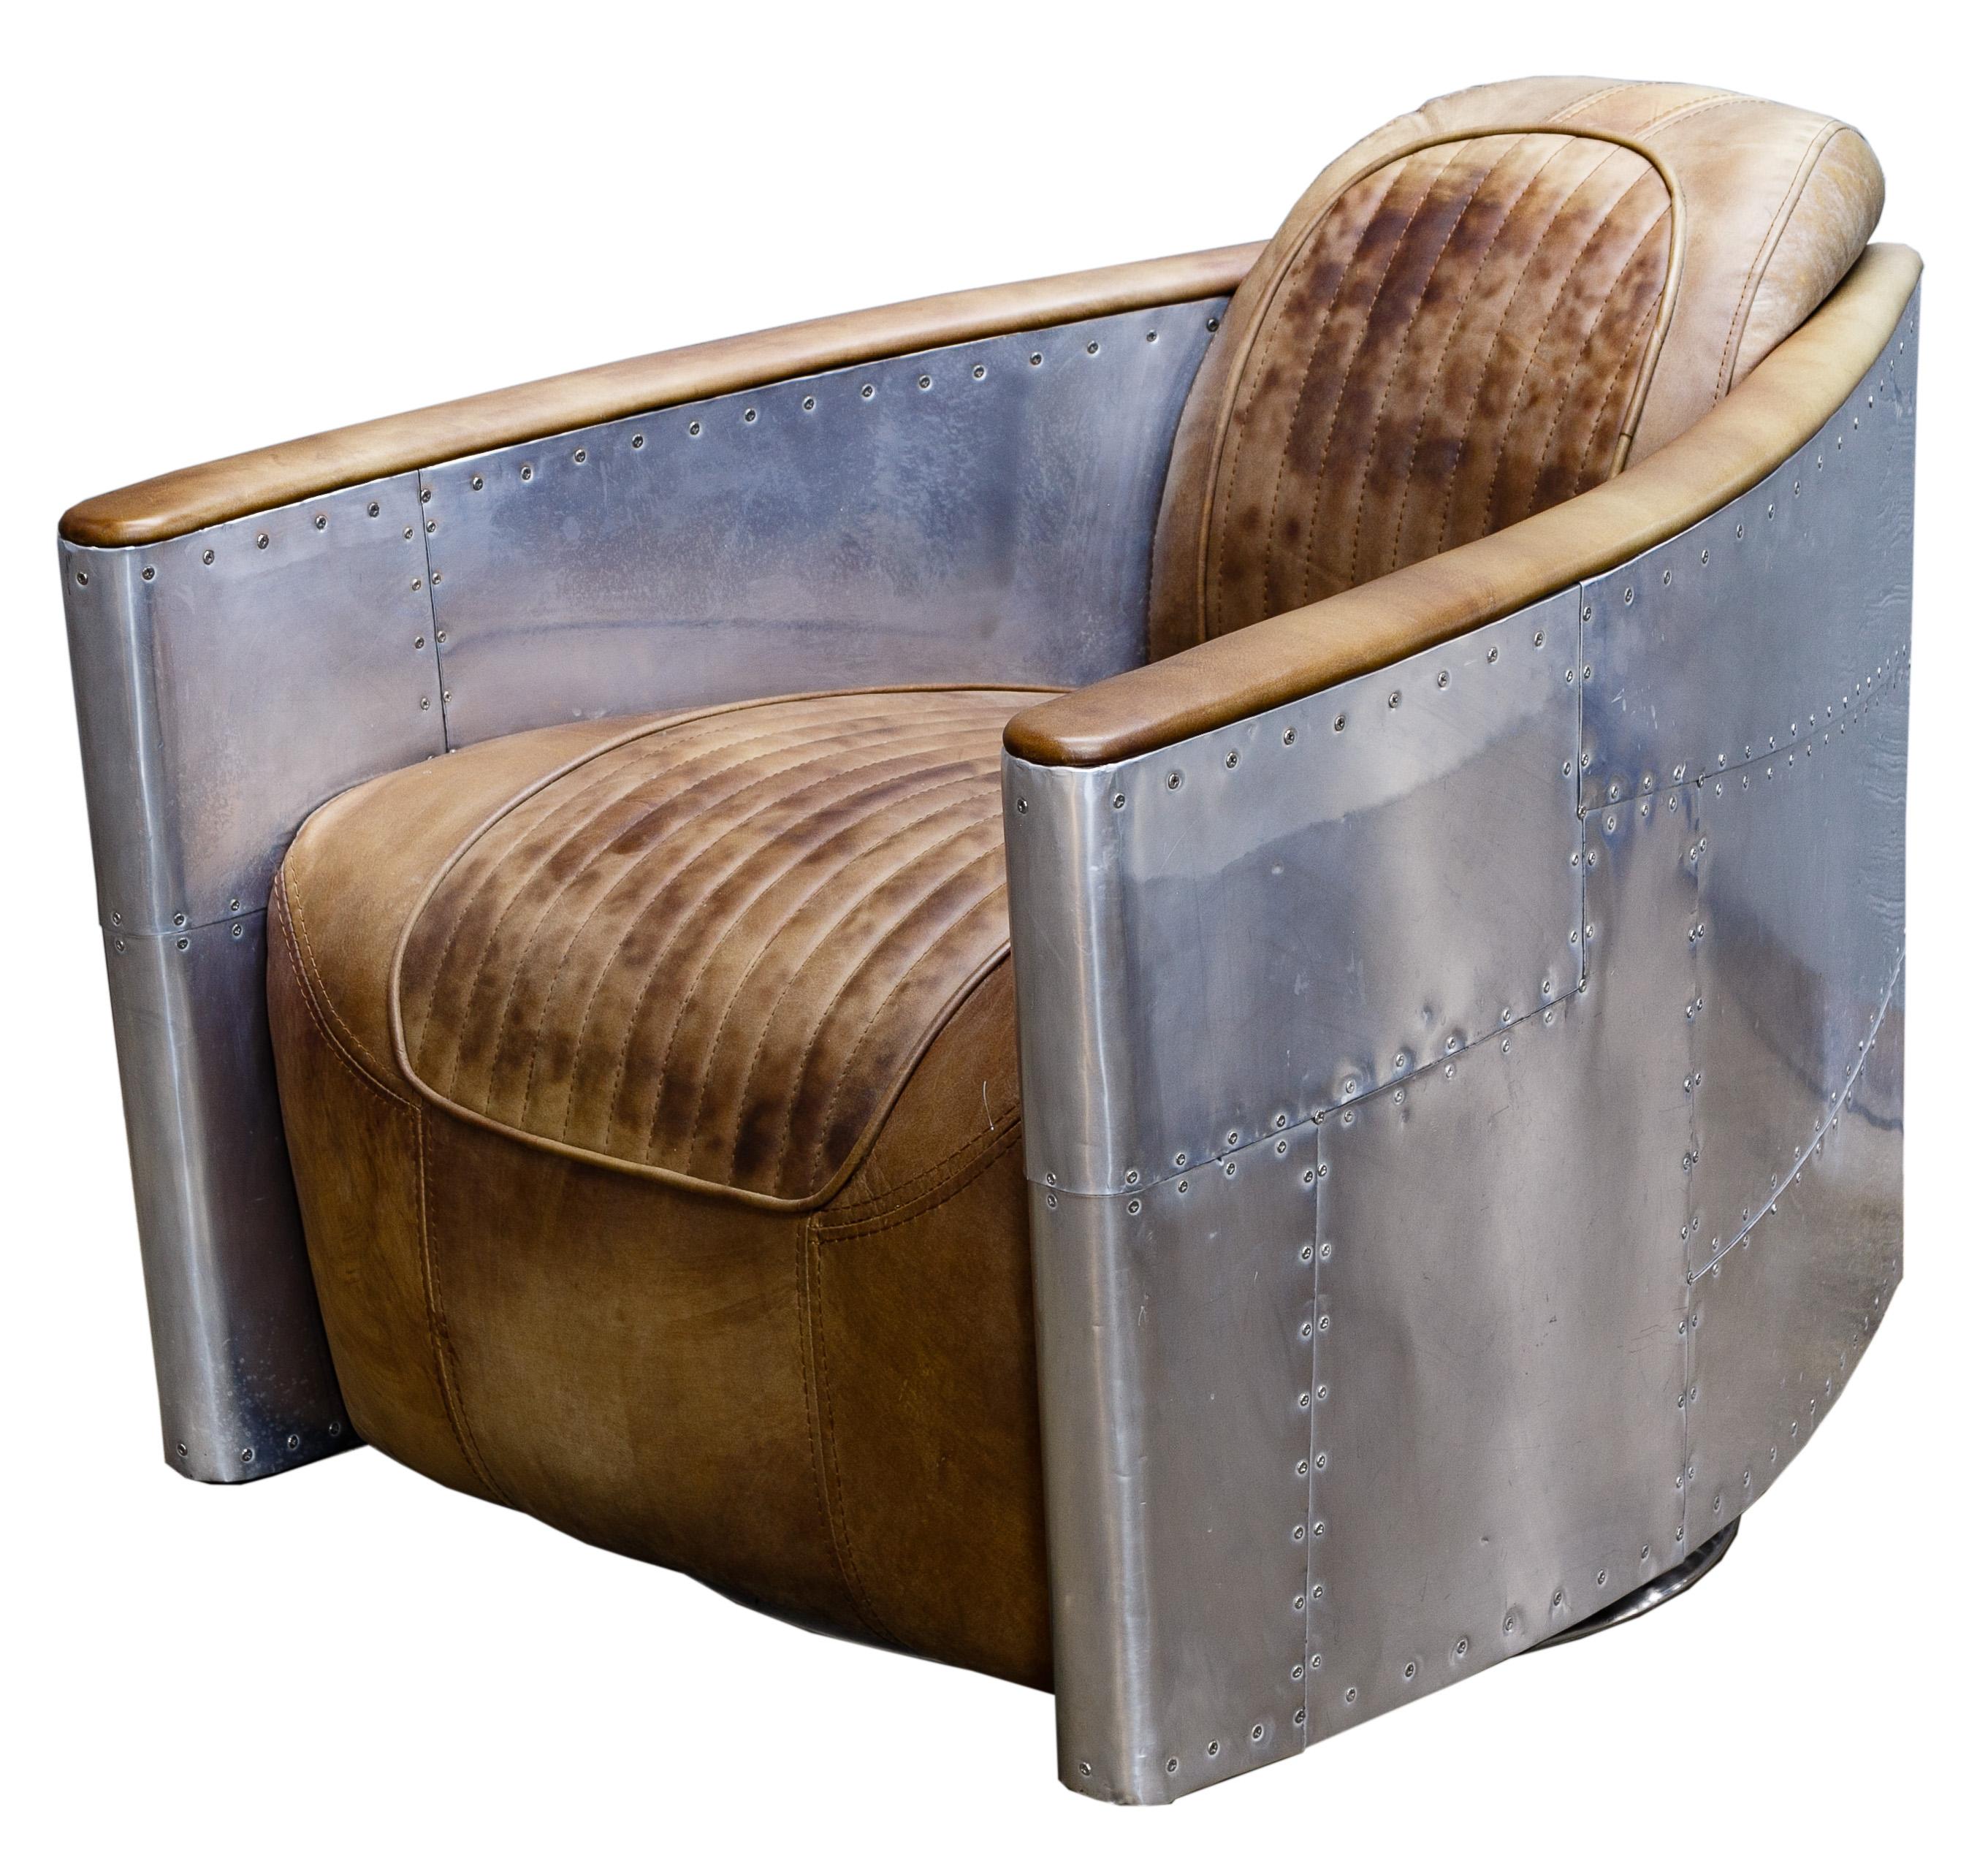 Prime Restoration Hardware Aviator Leather Chair Short Links Chair Design For Home Short Linksinfo